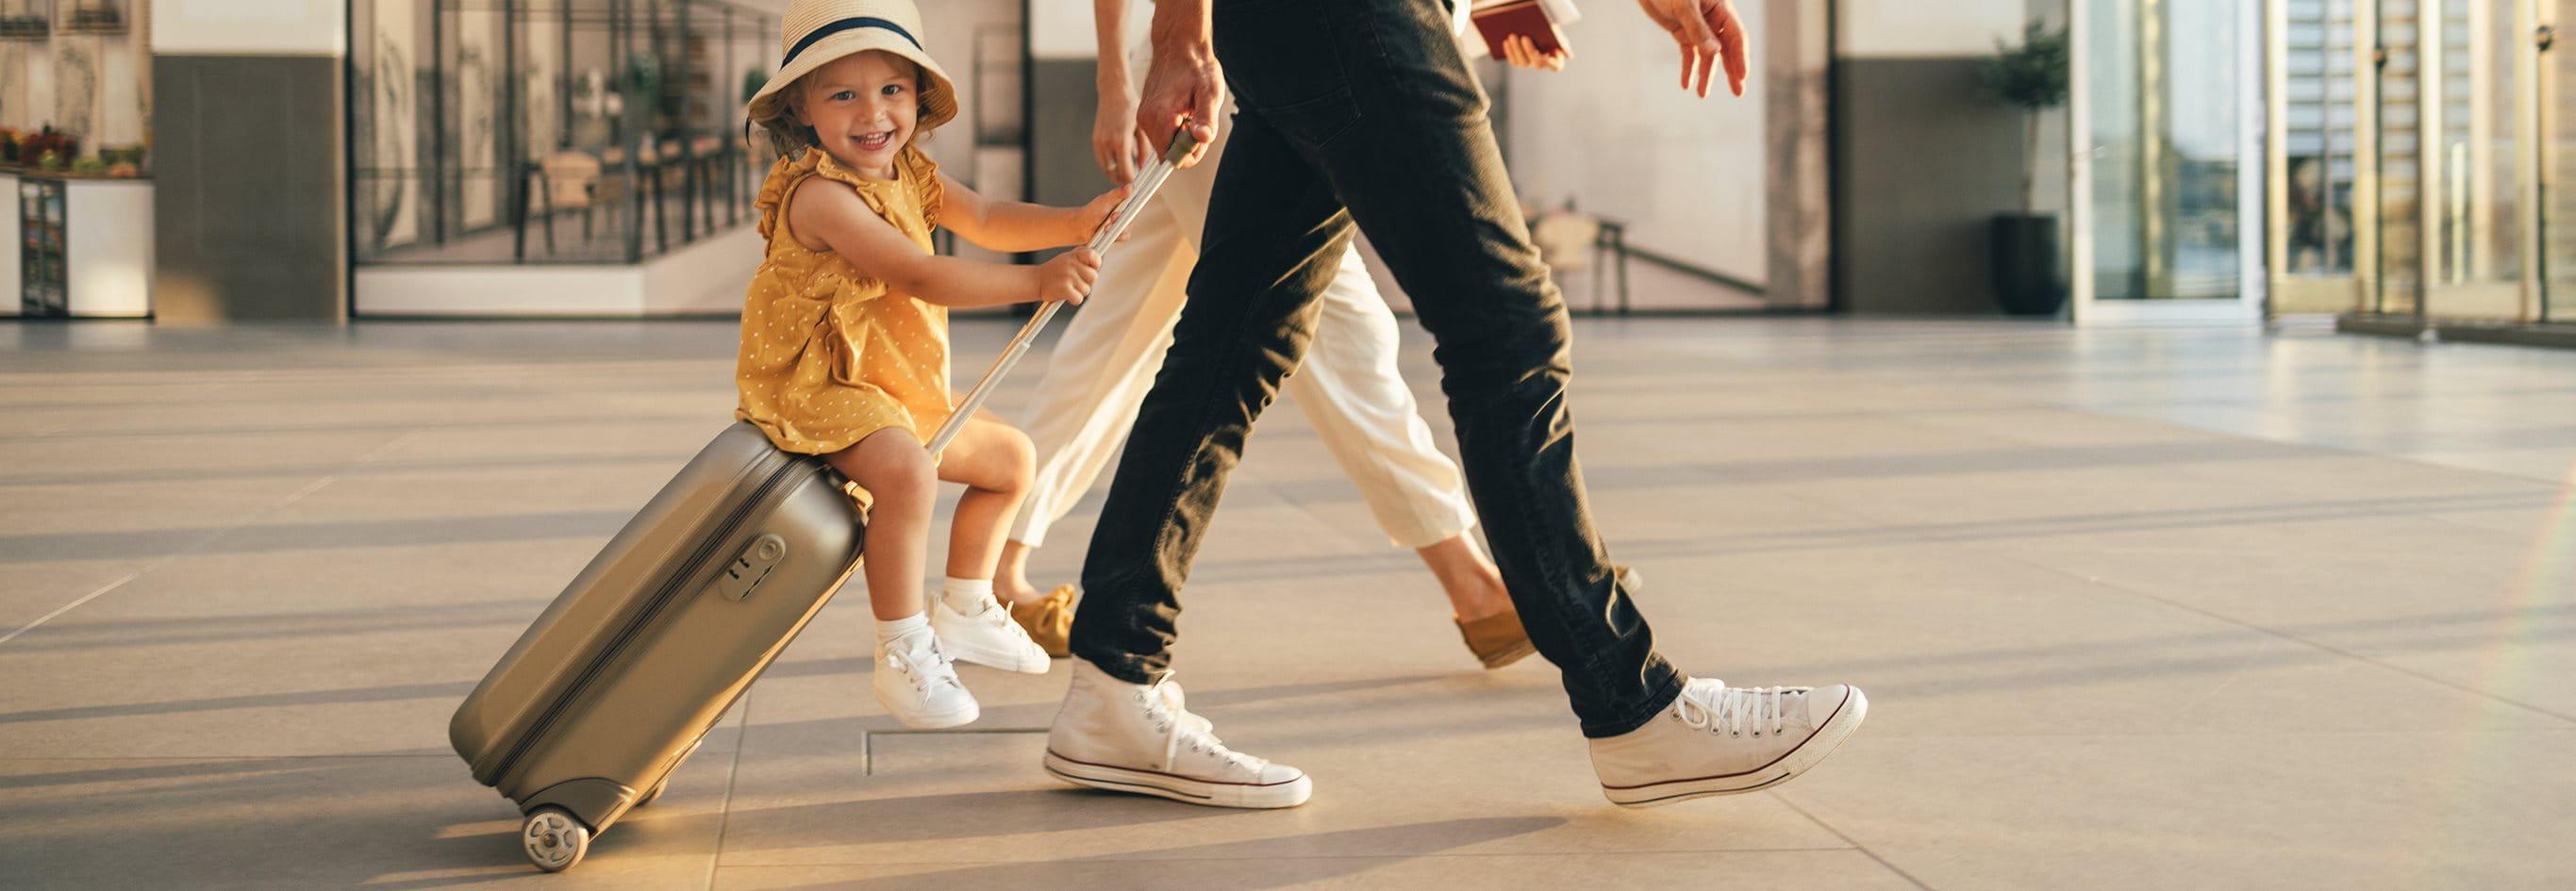 Vater und Sohn warten am Flughafen.